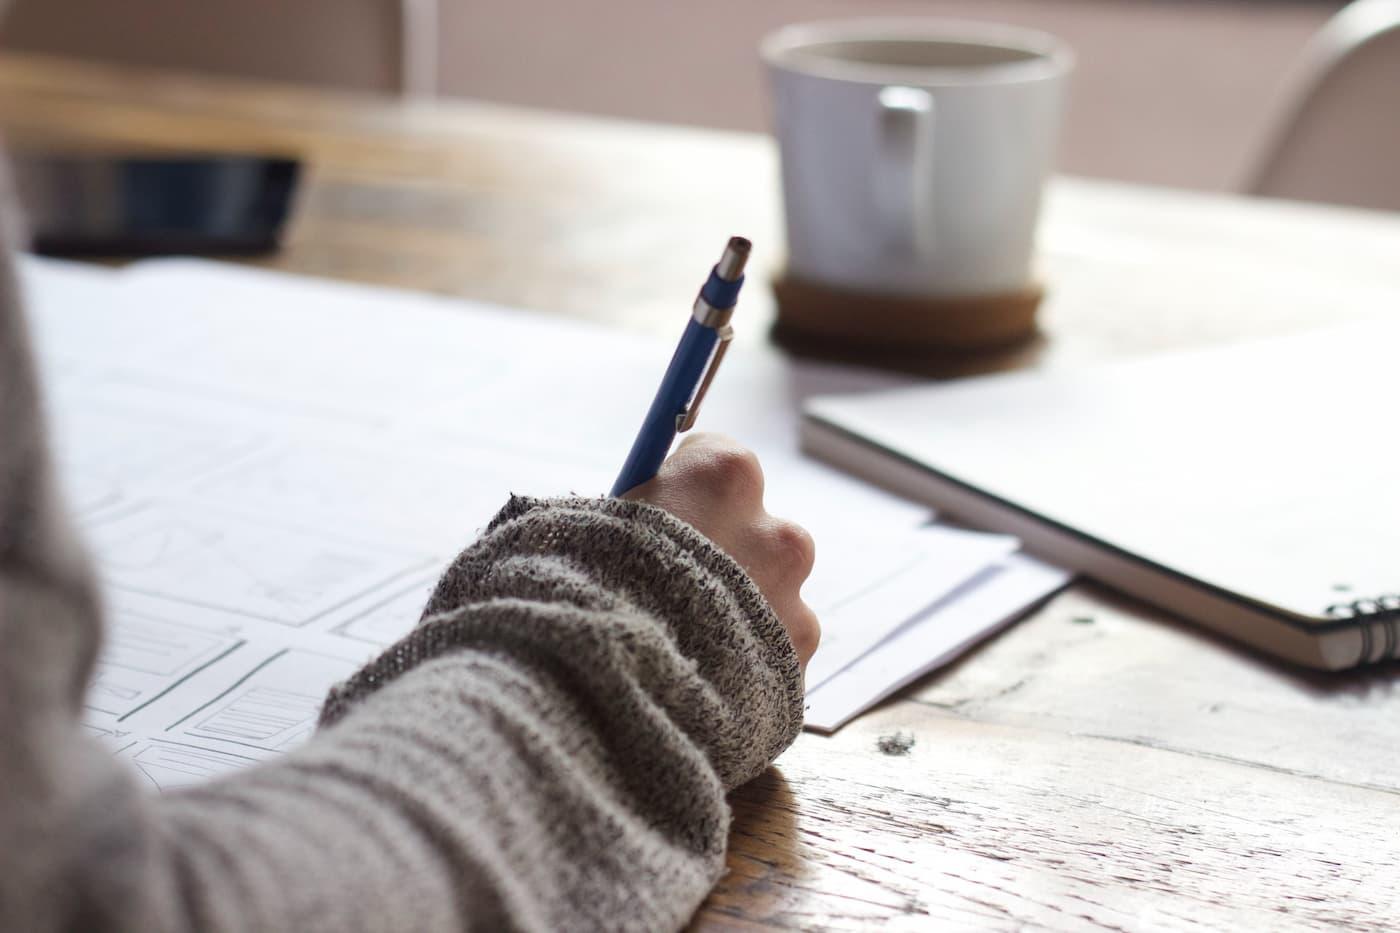 En Inglaterra será ilegal la venta de ensayos académicos a estudiantes